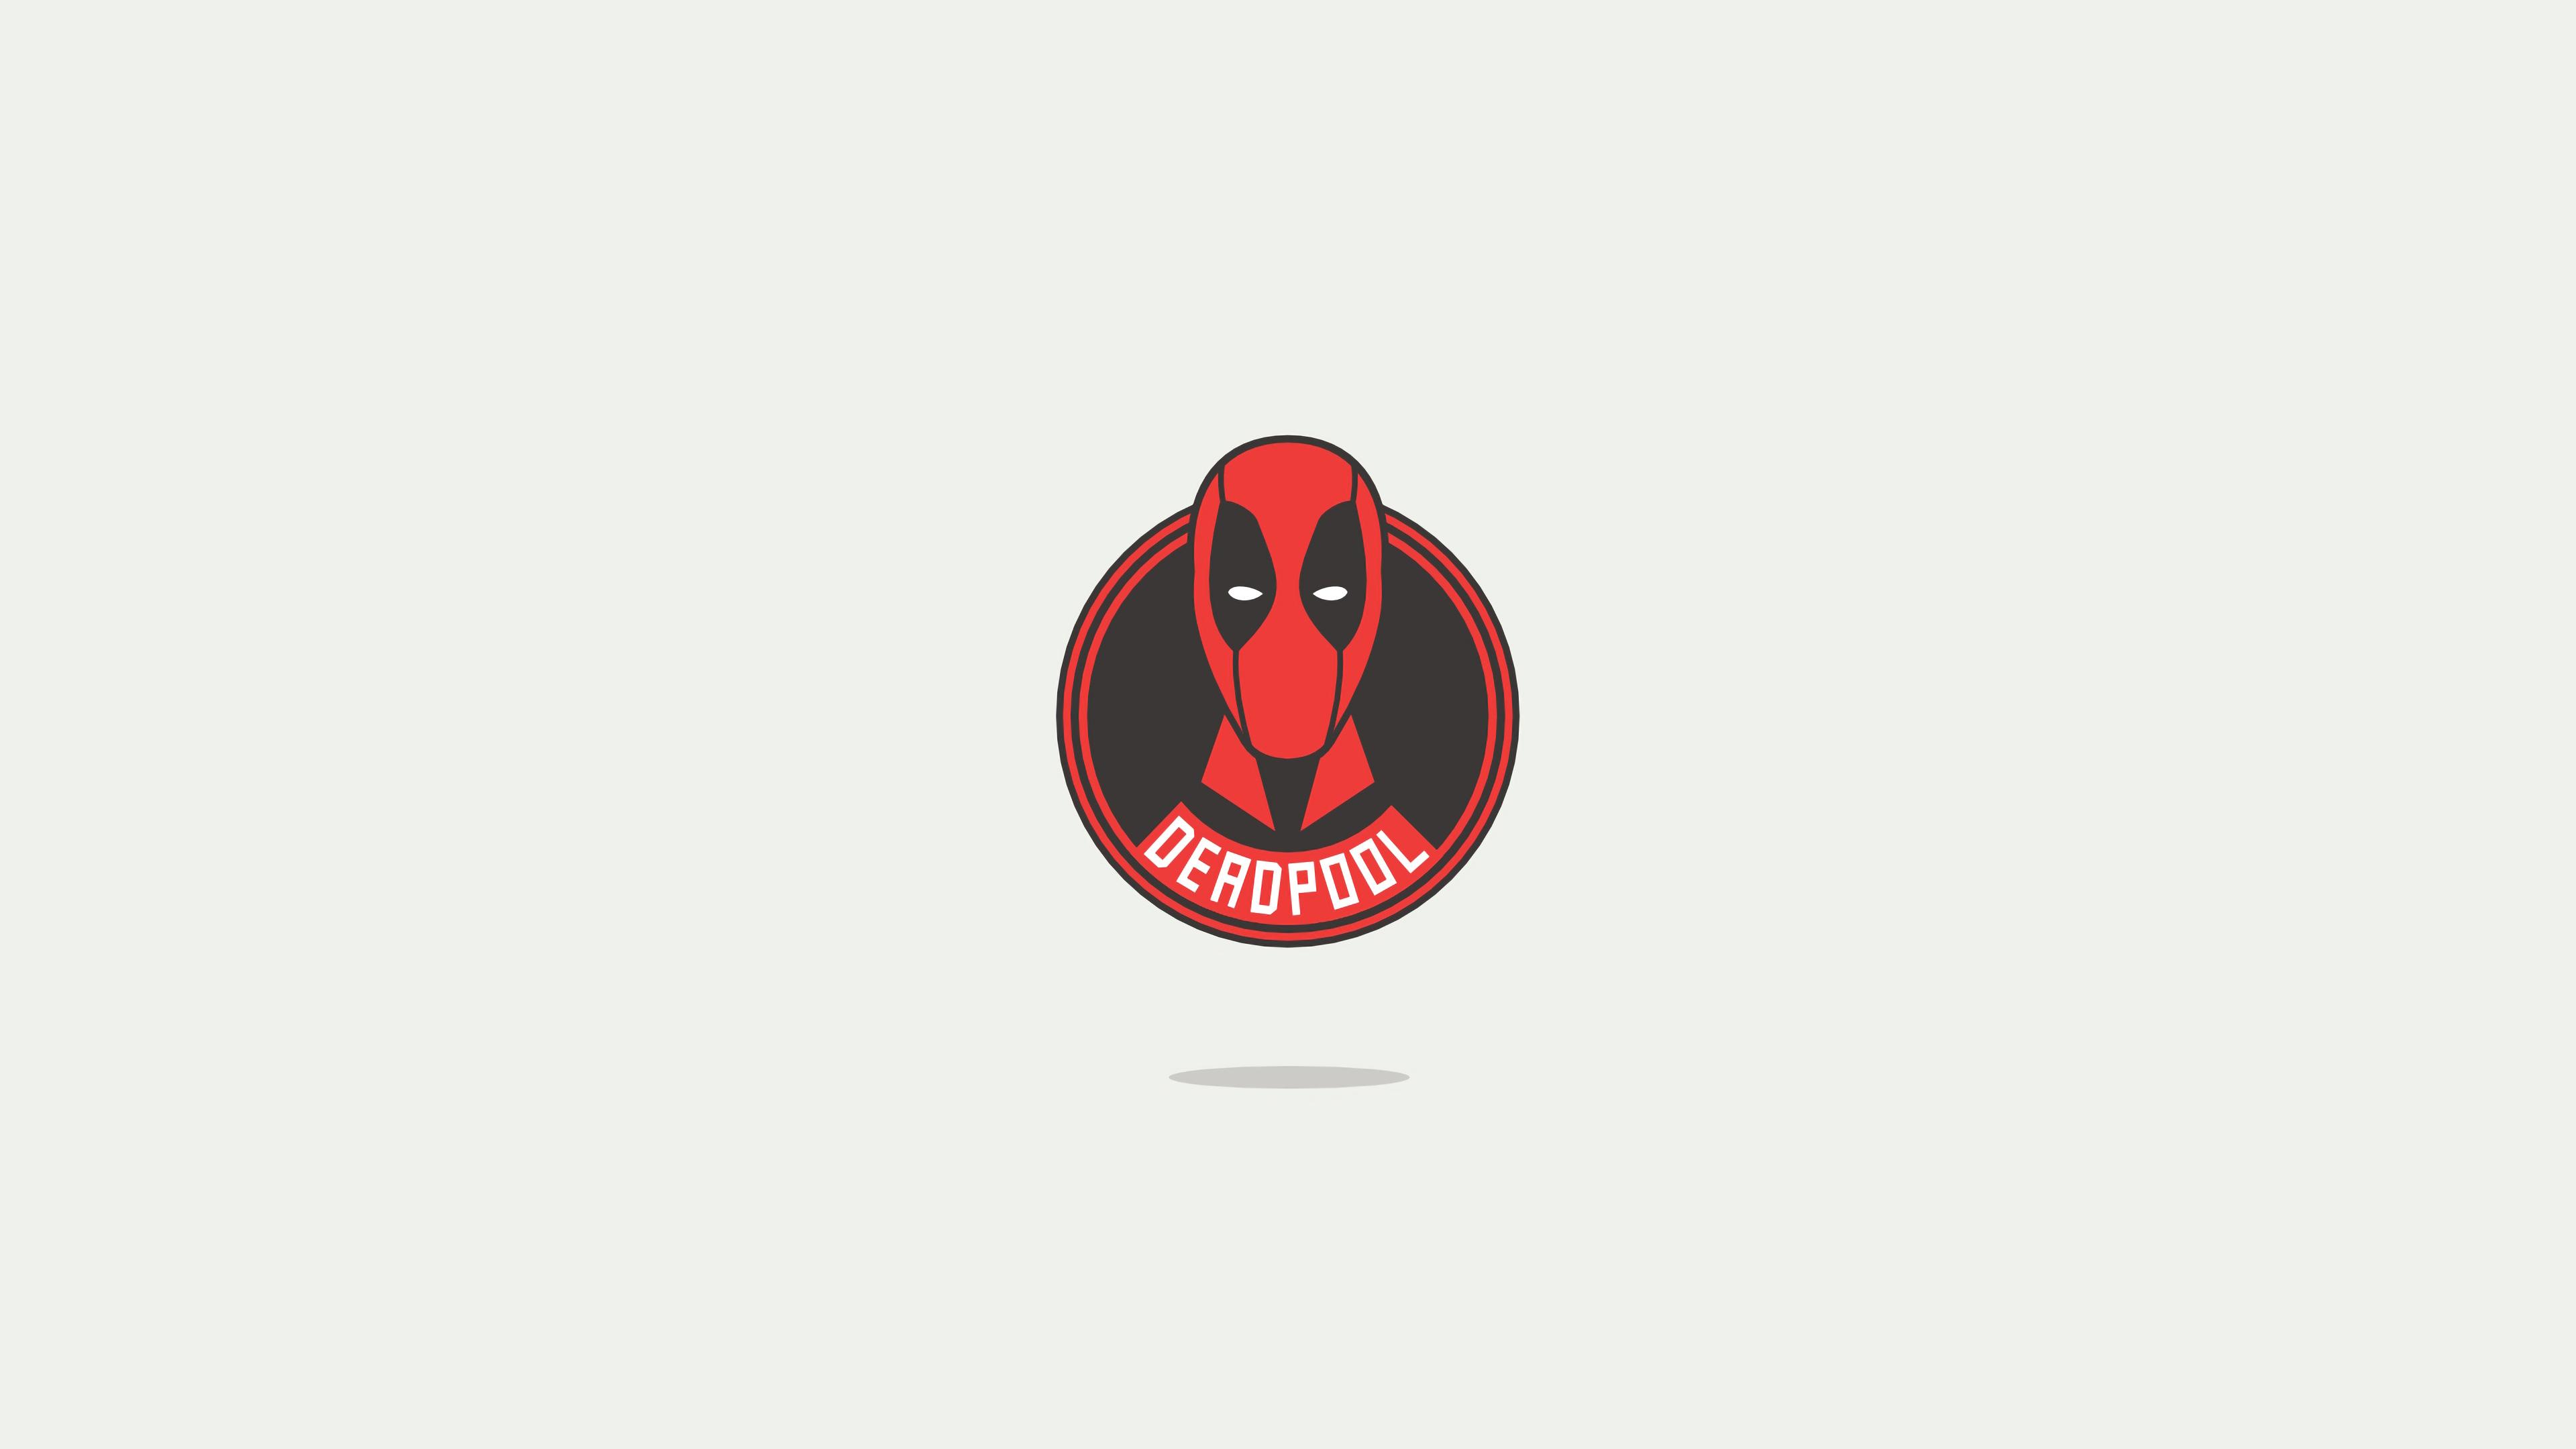 deadpool america minimal logo 1568055498 - Deadpool America Minimal Logo - superheroes wallpapers, minimalist wallpapers, minimalism wallpapers, hd-wallpapers, deadpool wallpapers, behance wallpapers, 4k-wallpapers